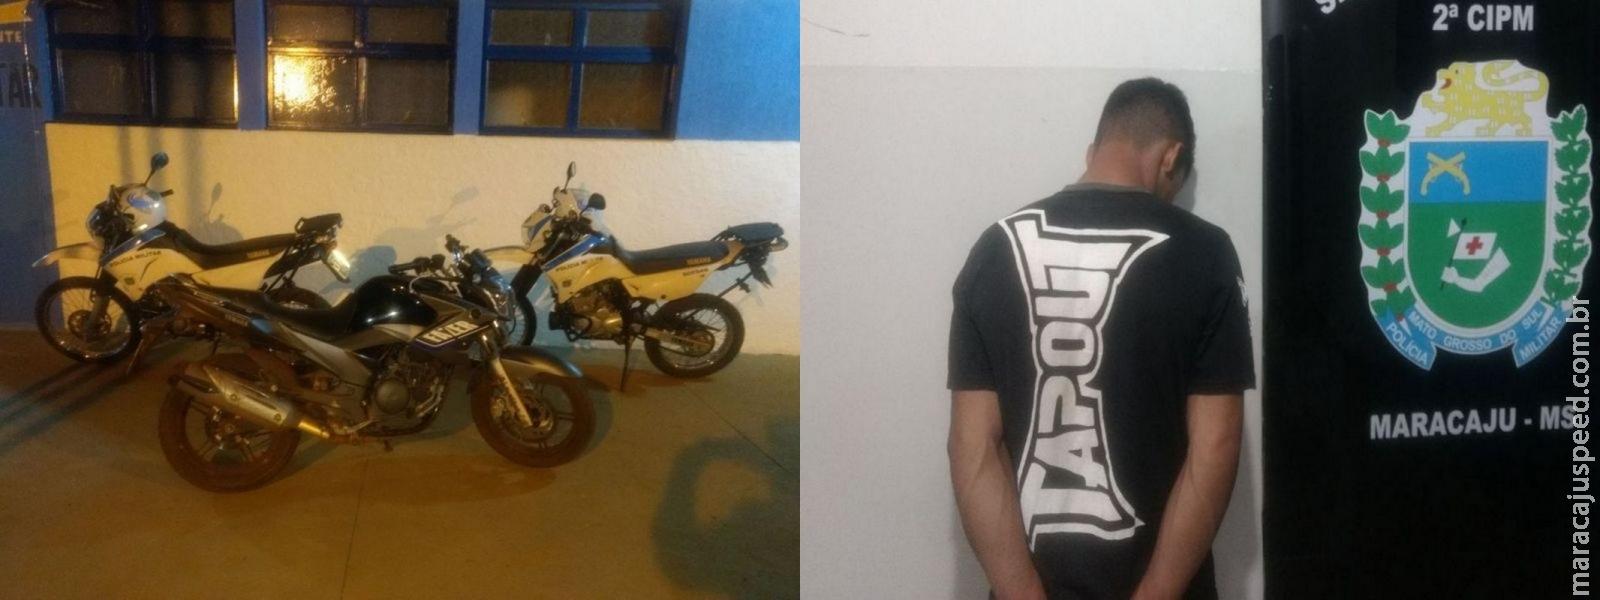 Maracaju: Adolescente conduzindo motocicleta de grande cilindrada empreende fuga de viaturas motos da Polícia Militar